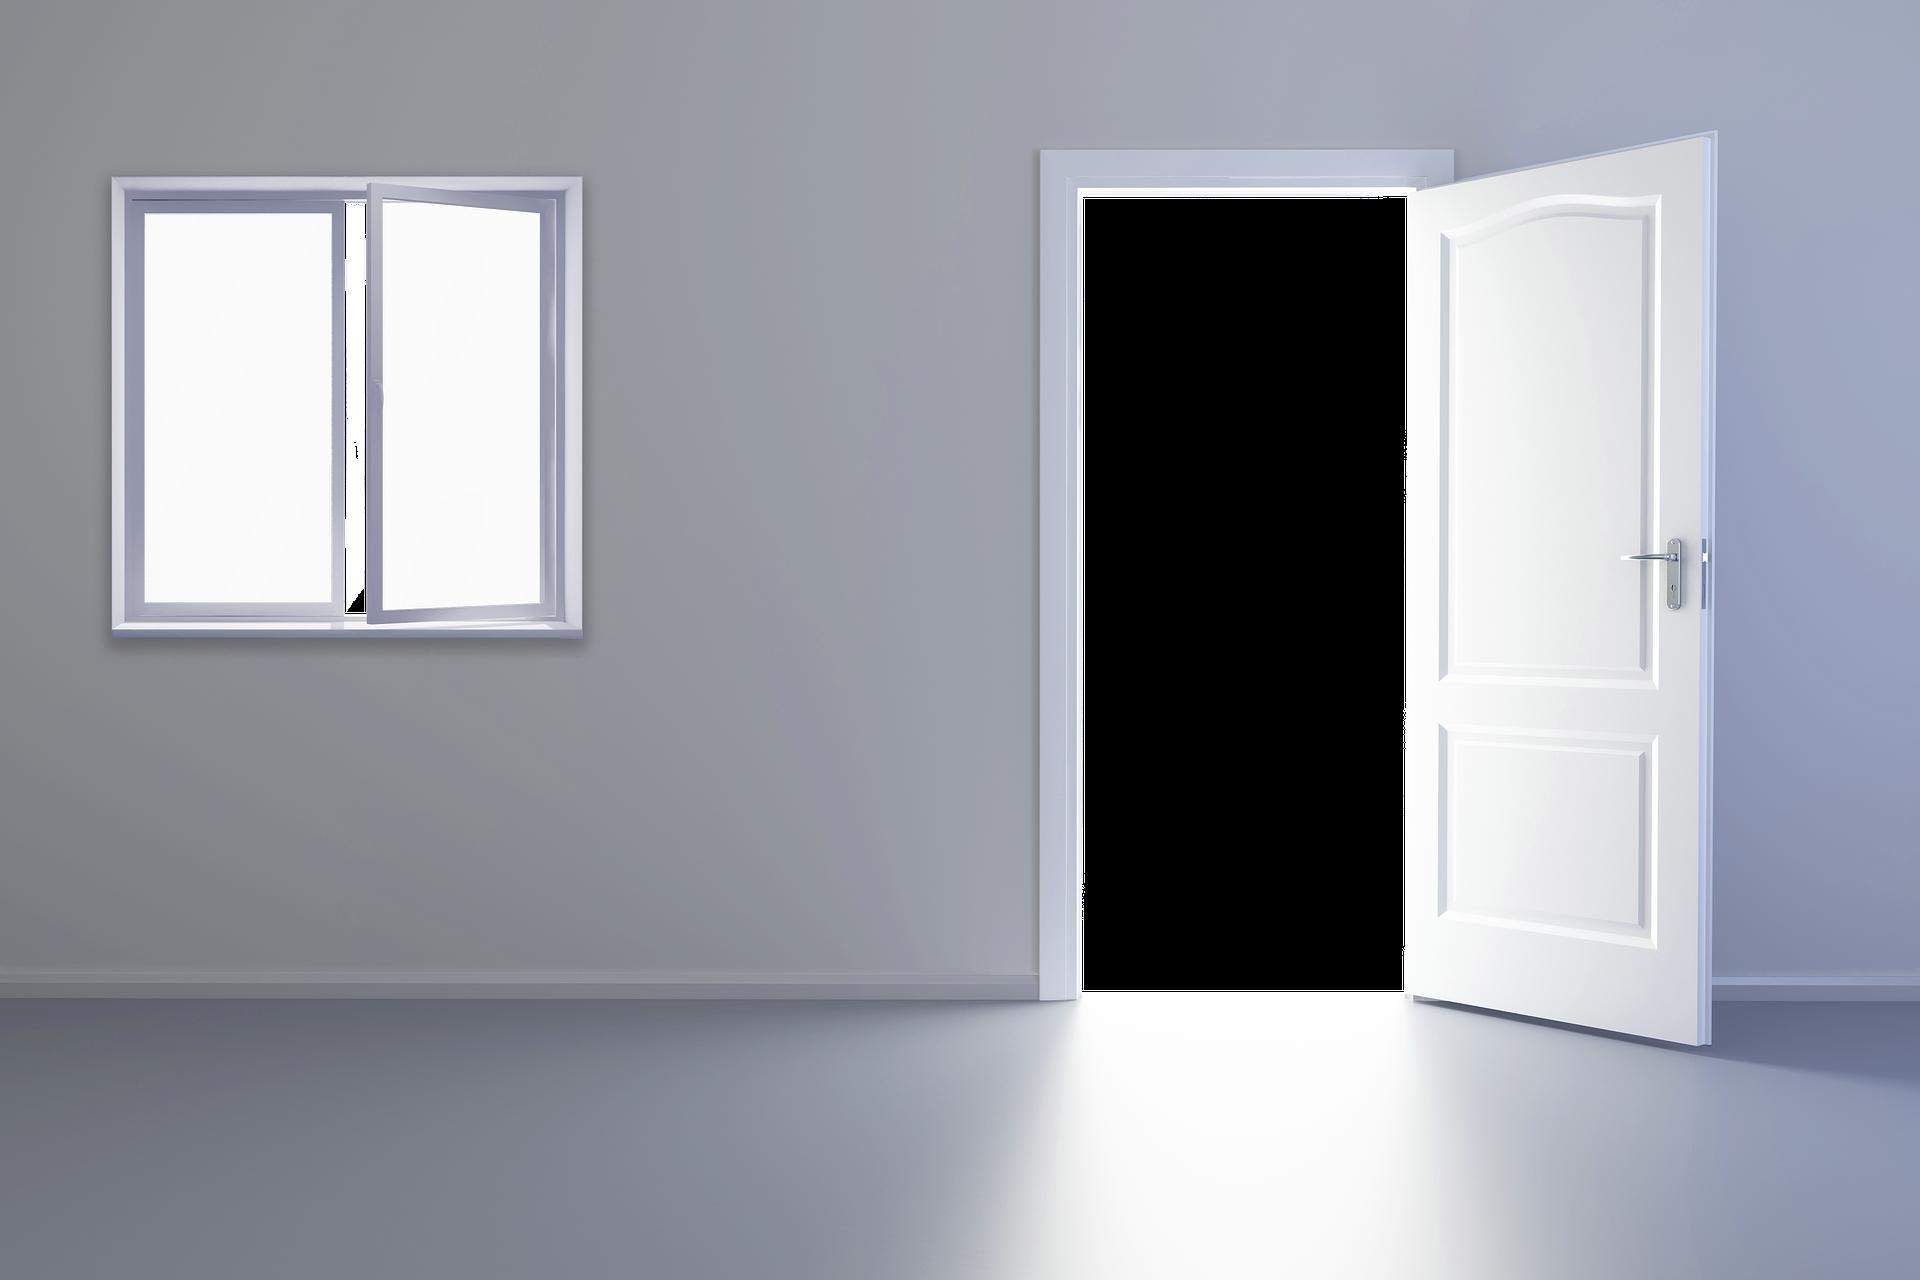 白くて何もない扉が開いている部屋